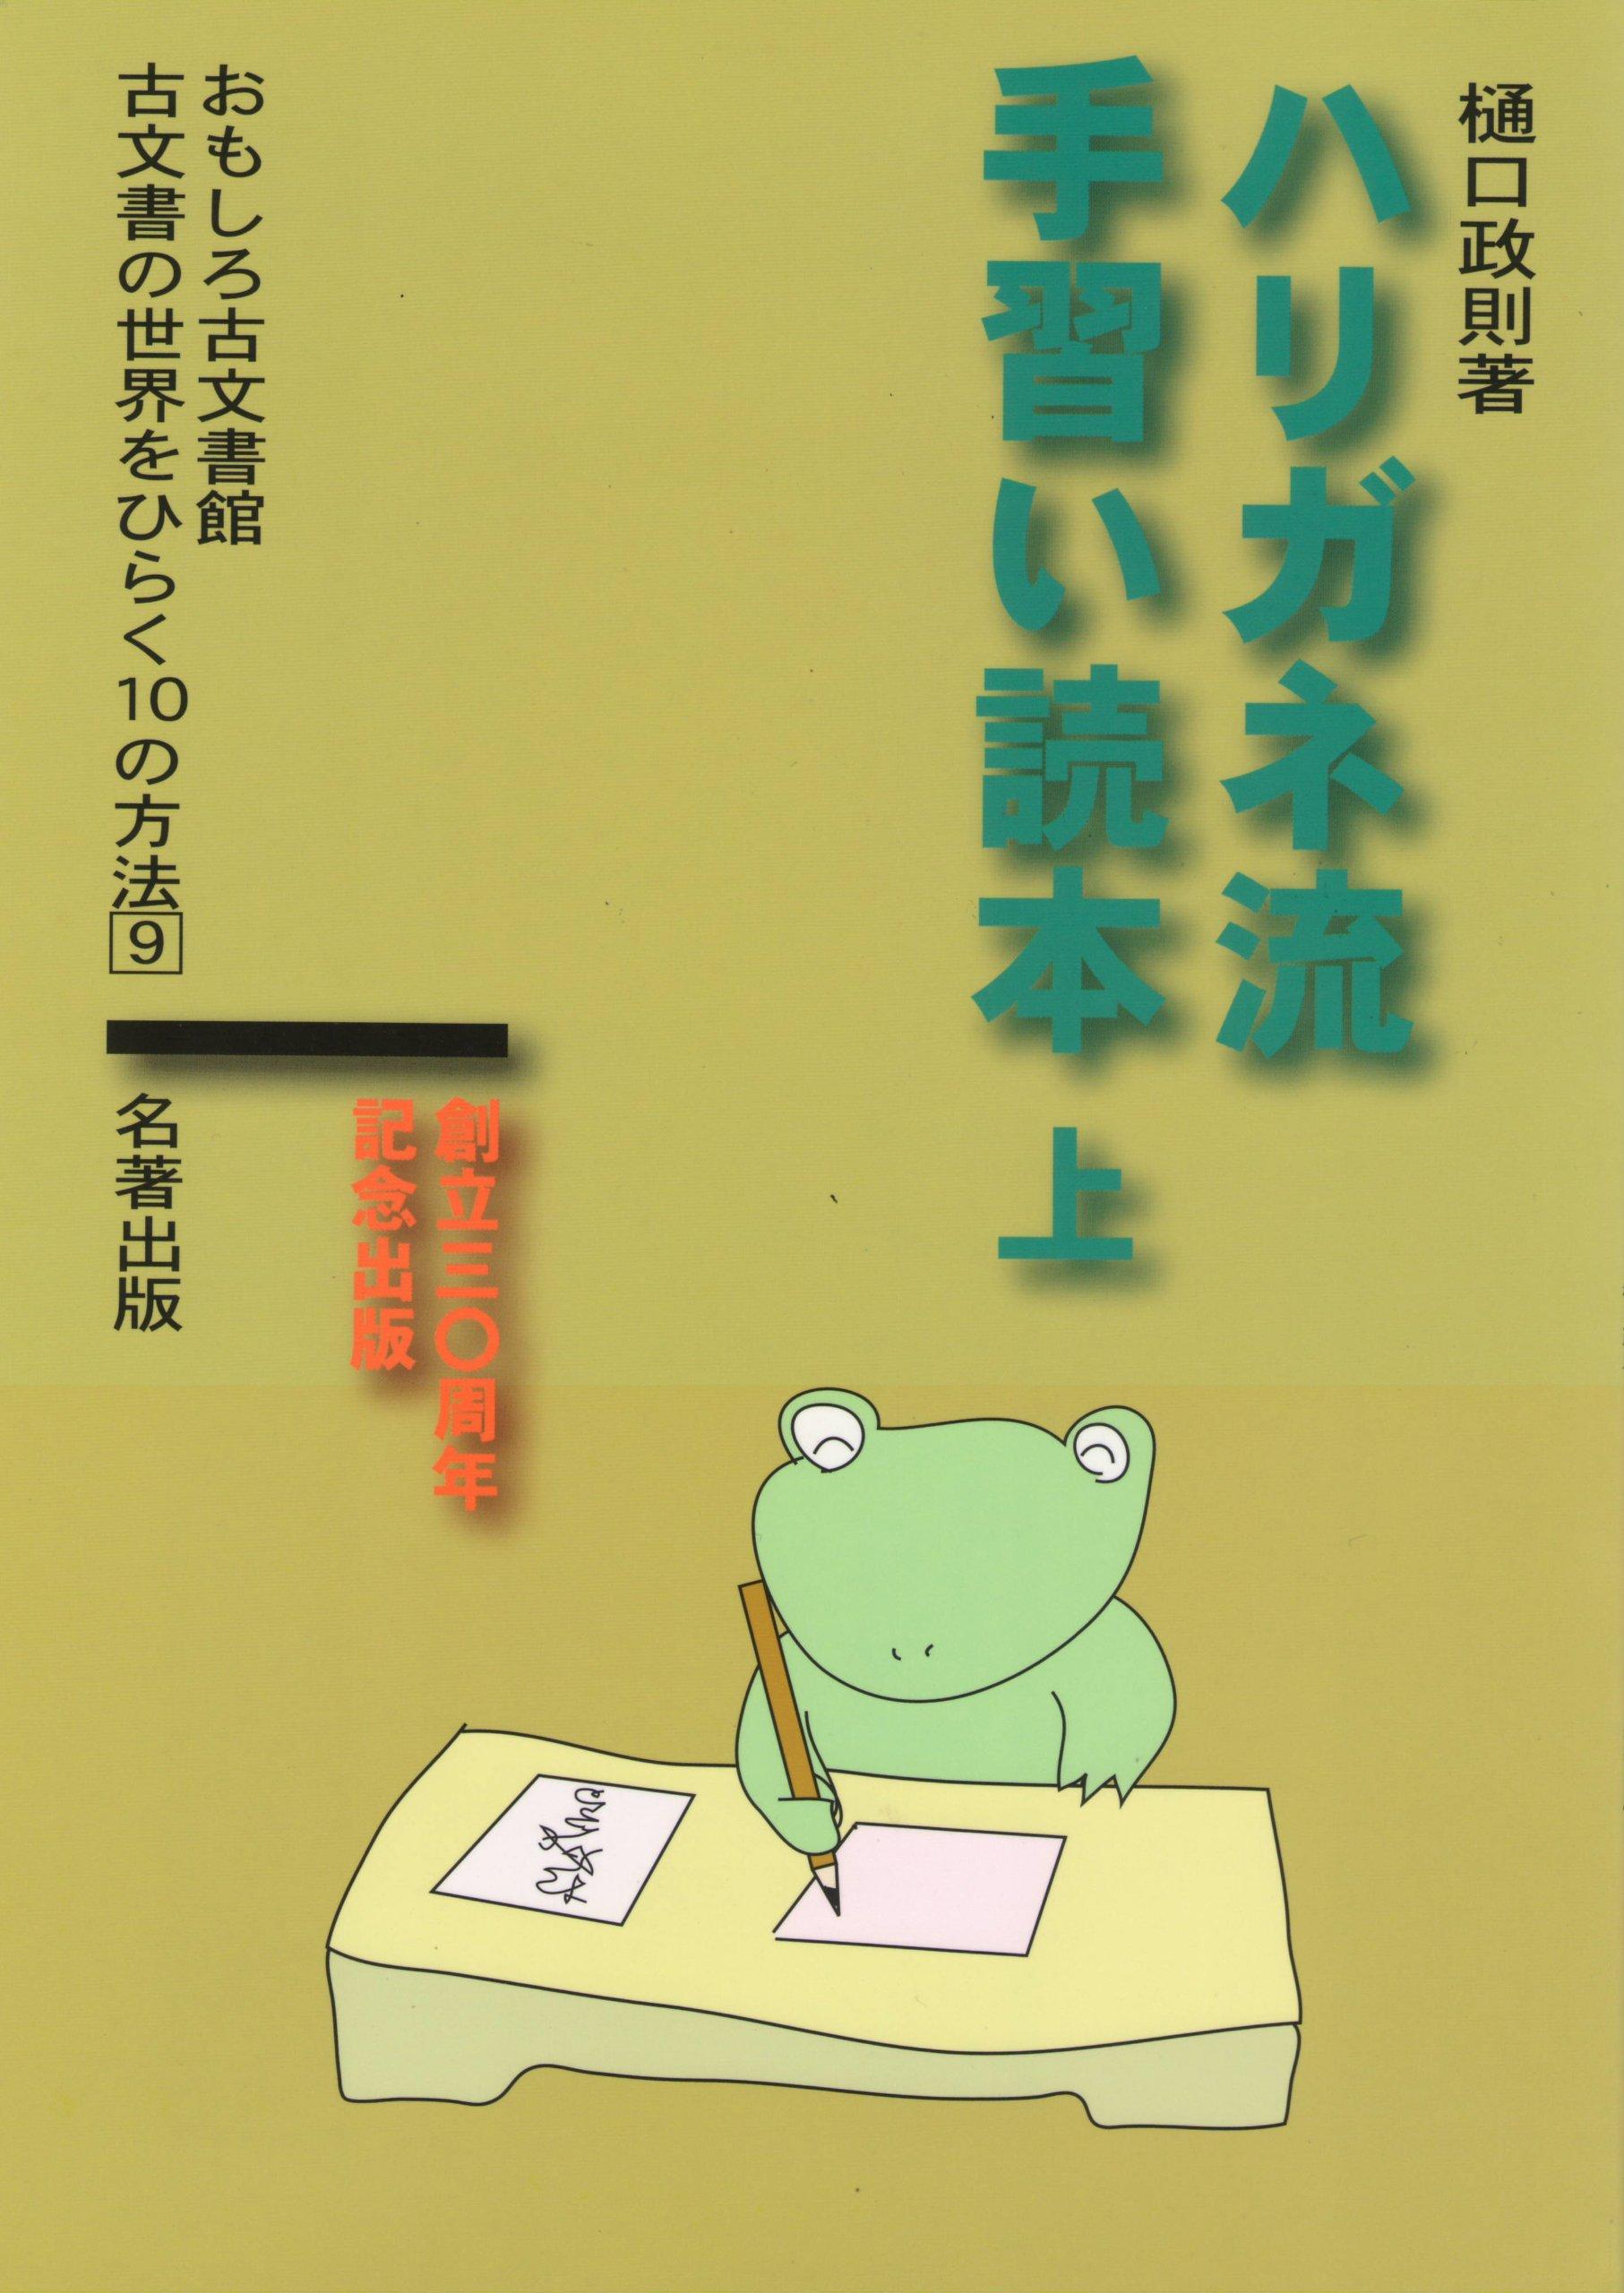 (9)ハリガネ流手習い読本(上)